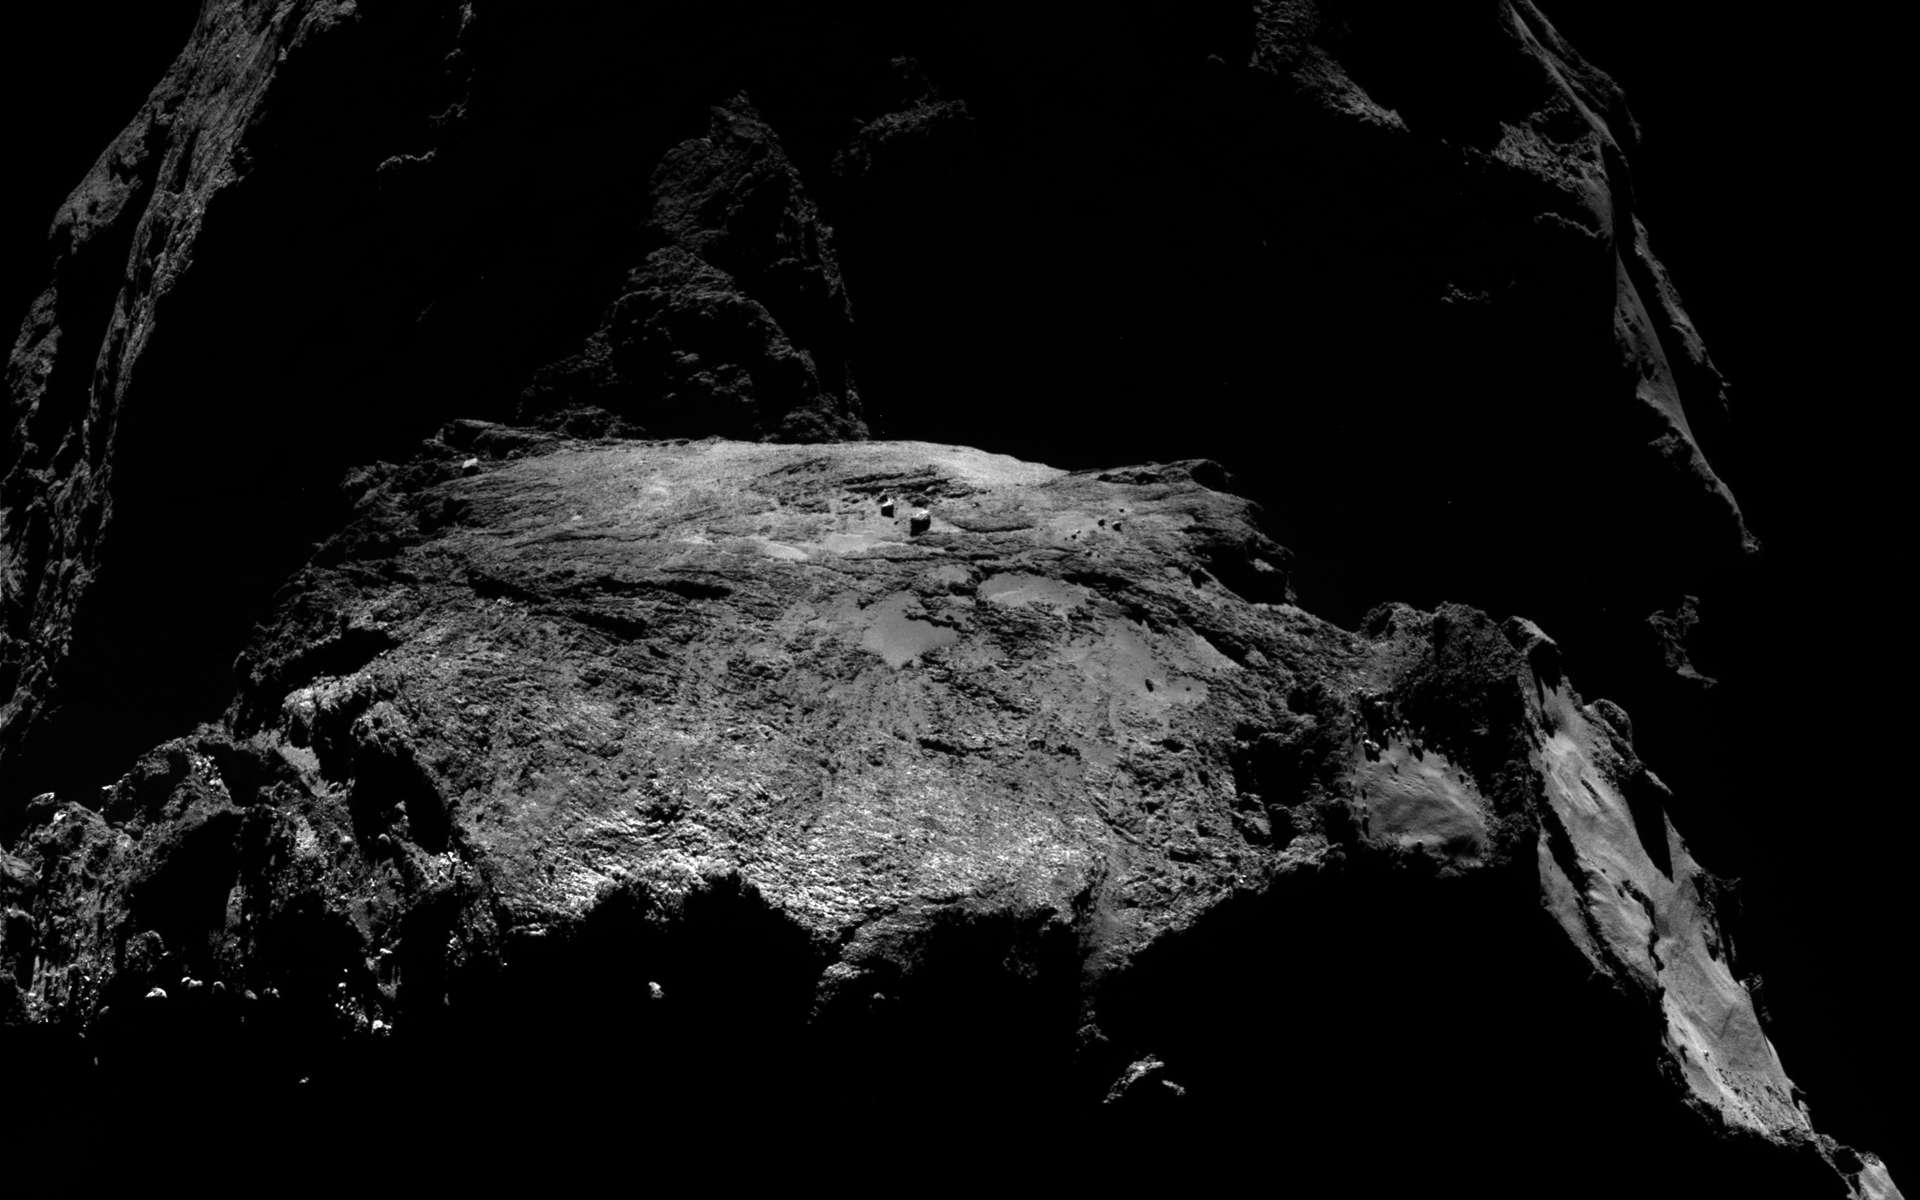 Le noyau très sombre de la comète Tchouri, épié depuis août 2014 par la sonde Rosetta. Cette teinte lui vient de sa richesse en matière organique (c'est-à-dire des molécules à base de carbone). © Esa/Rosetta/MPS for OSIRIS Team MPS/UPD/LAM/IAA/SSO/INTA/UPM/DASP/IDA